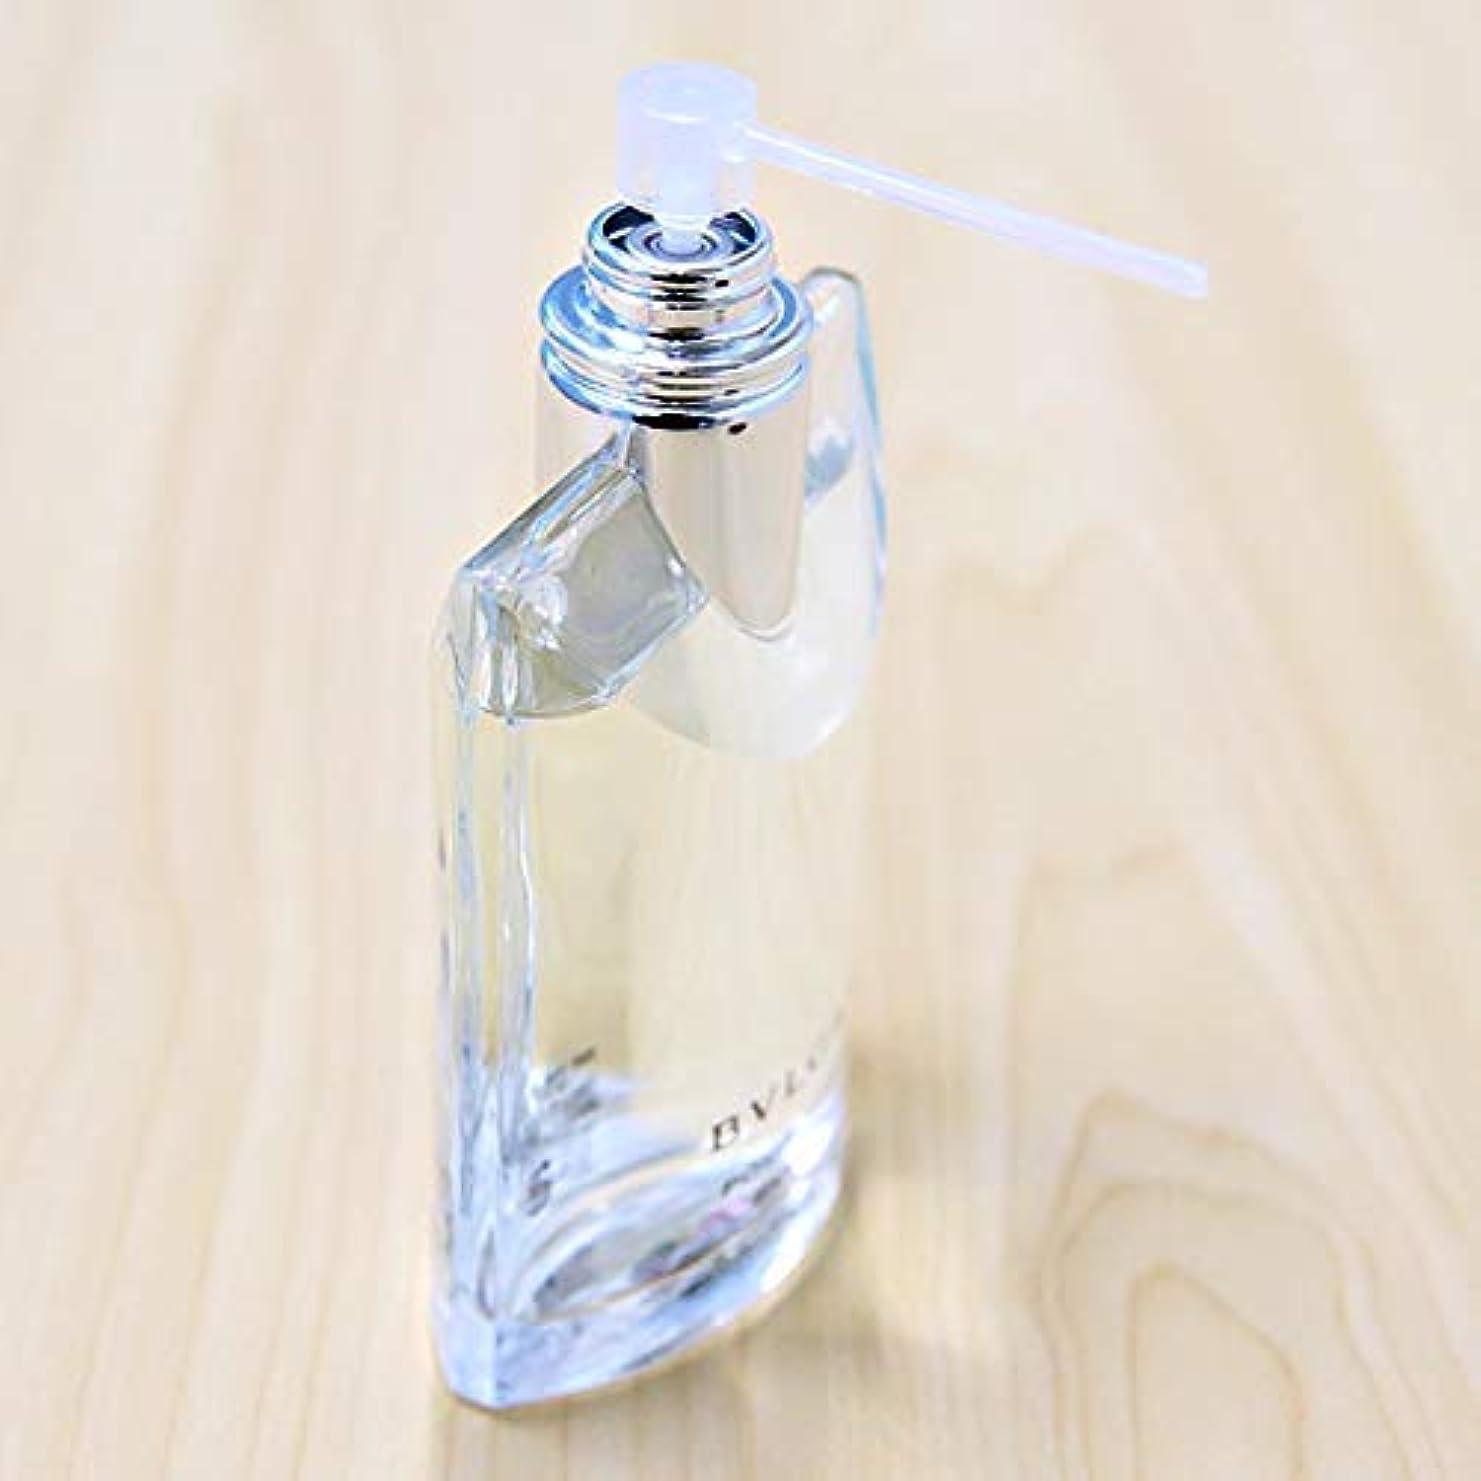 窒素対応紳士【単品】 香水 詰め替え ノズル アトマイザー 簡単 詰め替え プッシュ ポンプ ストロー スプレーボトル